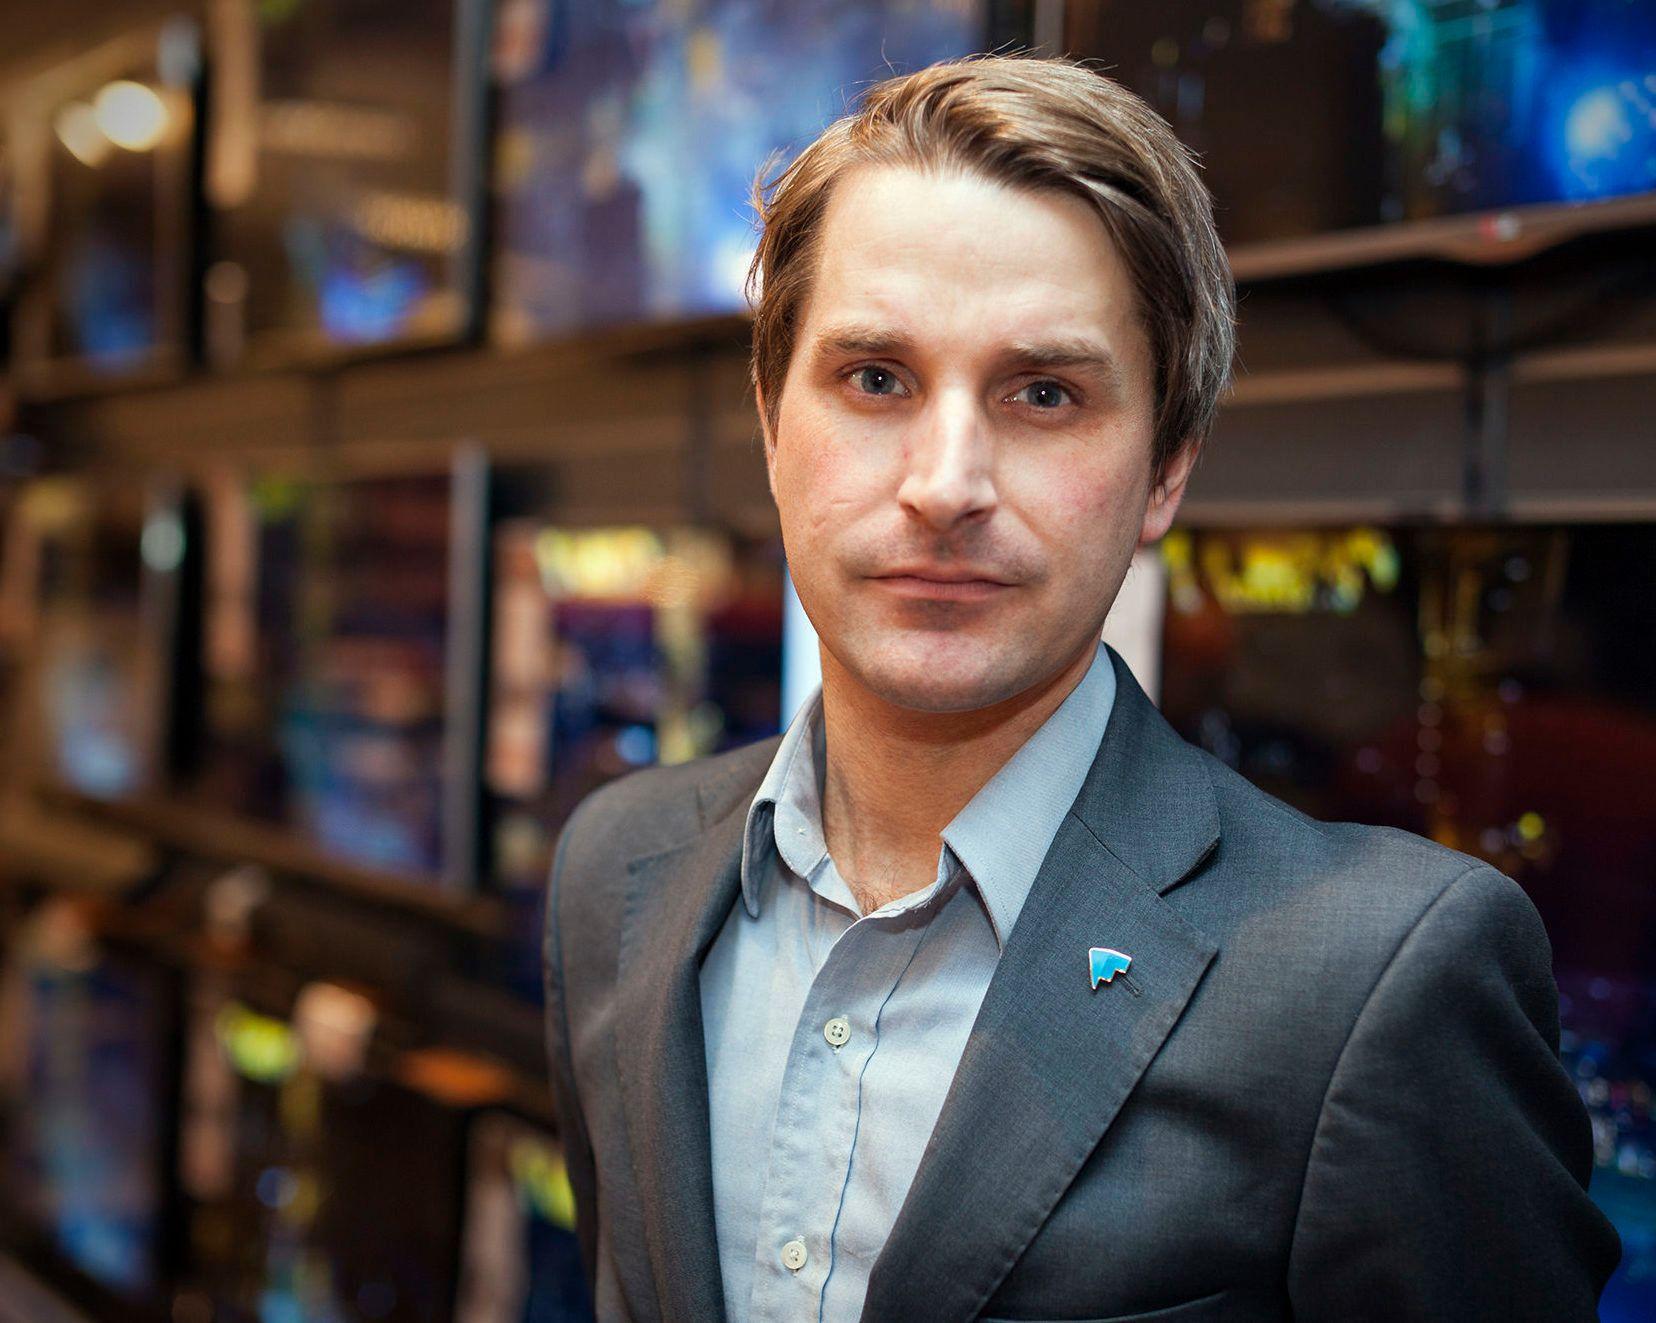 Fagdirektør for digitale tjenester i Forbrukerrådet, Finn Myrstad, mener manglende dataportabilitet kan bidra til at forbrukere låses inne i tjenester de helst vil forlate.